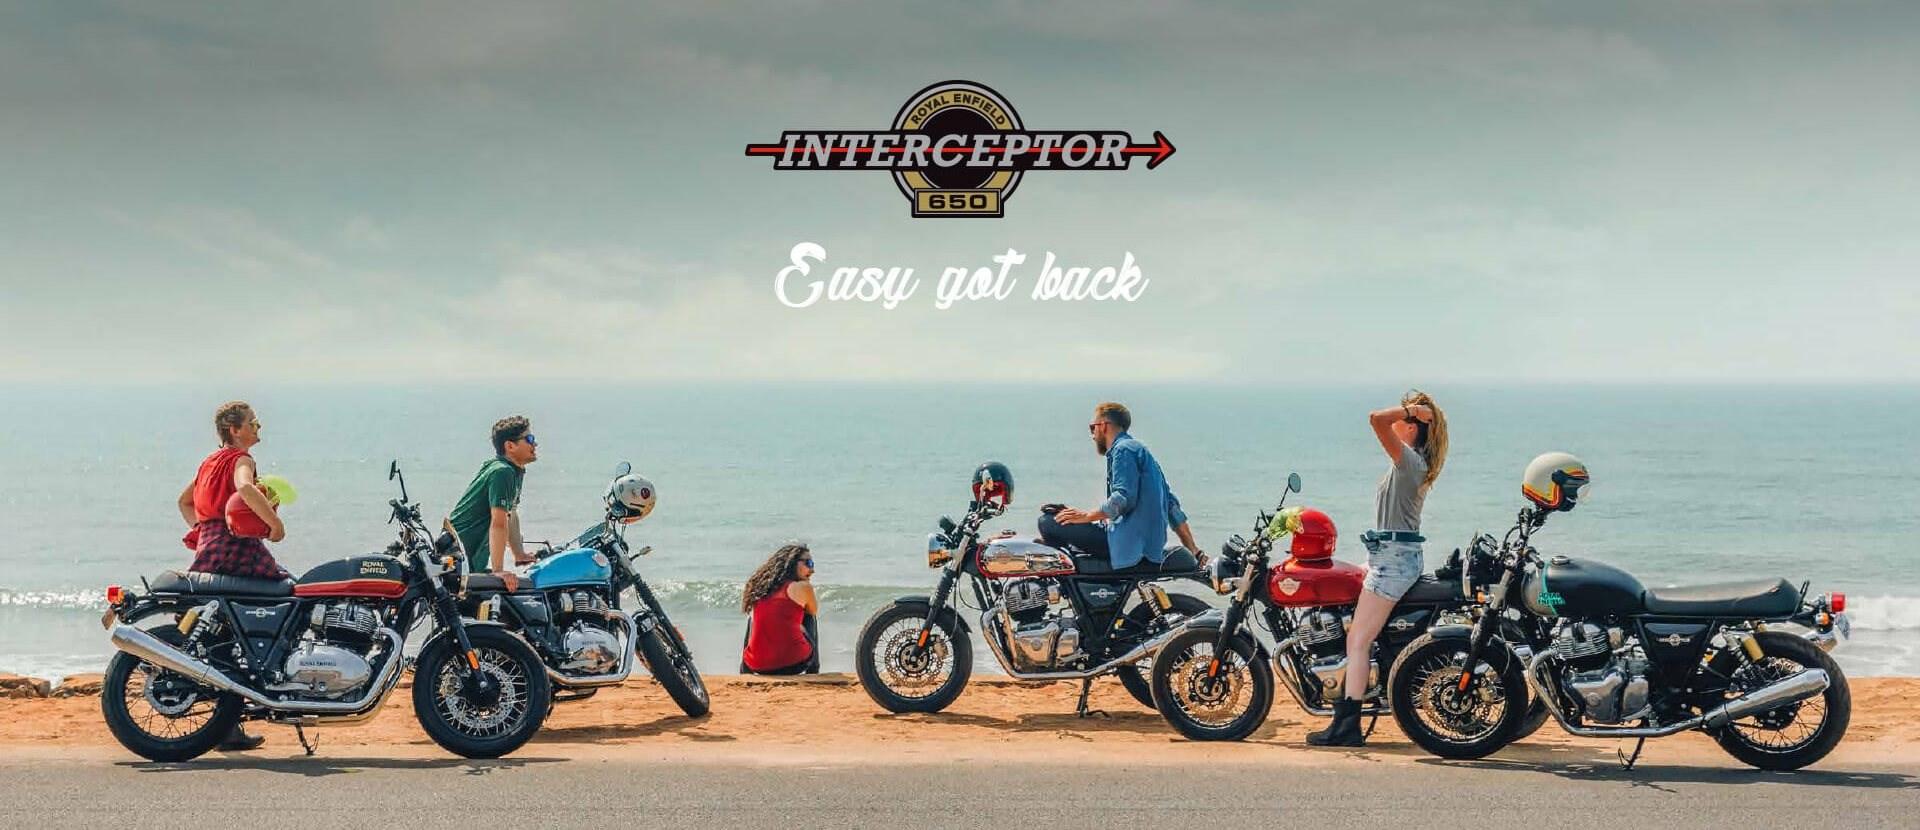 Die Interceptor